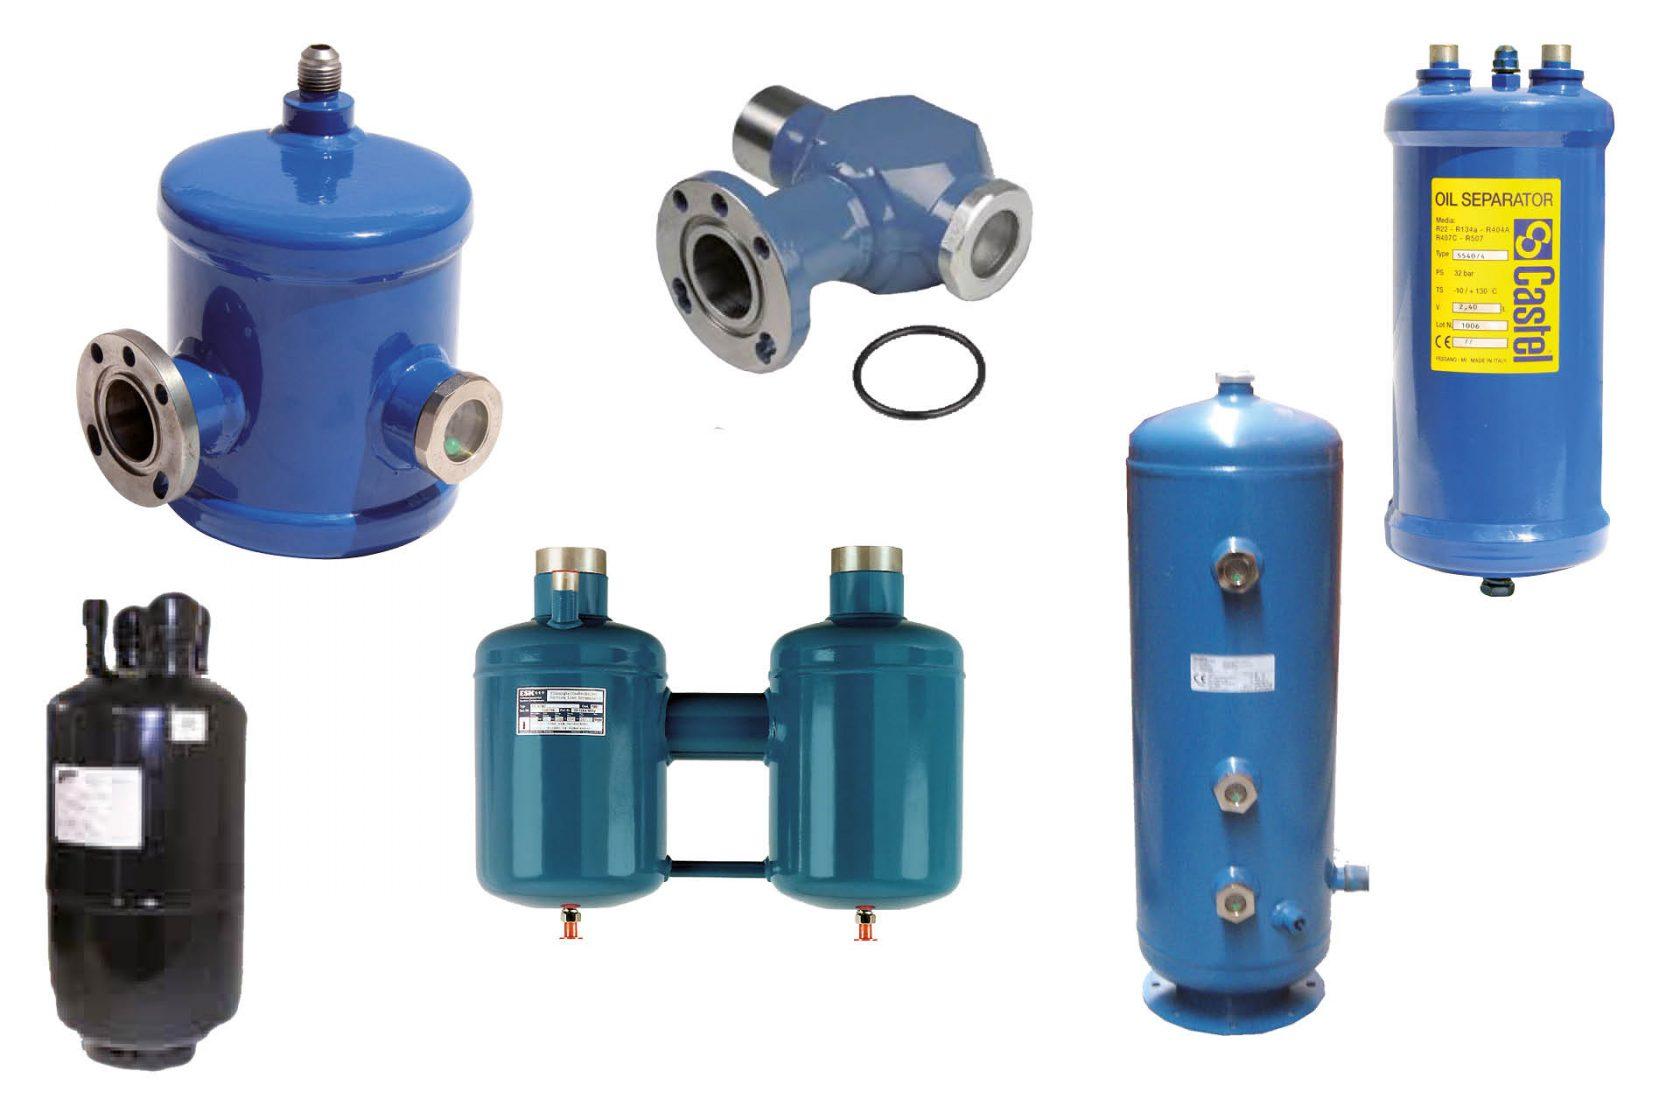 Vloeistofreservoirs, vloeistofafscheiders, oliereservoirs, olieafscheiders van ESK Schultz, Castel, Frigomec en Denaline